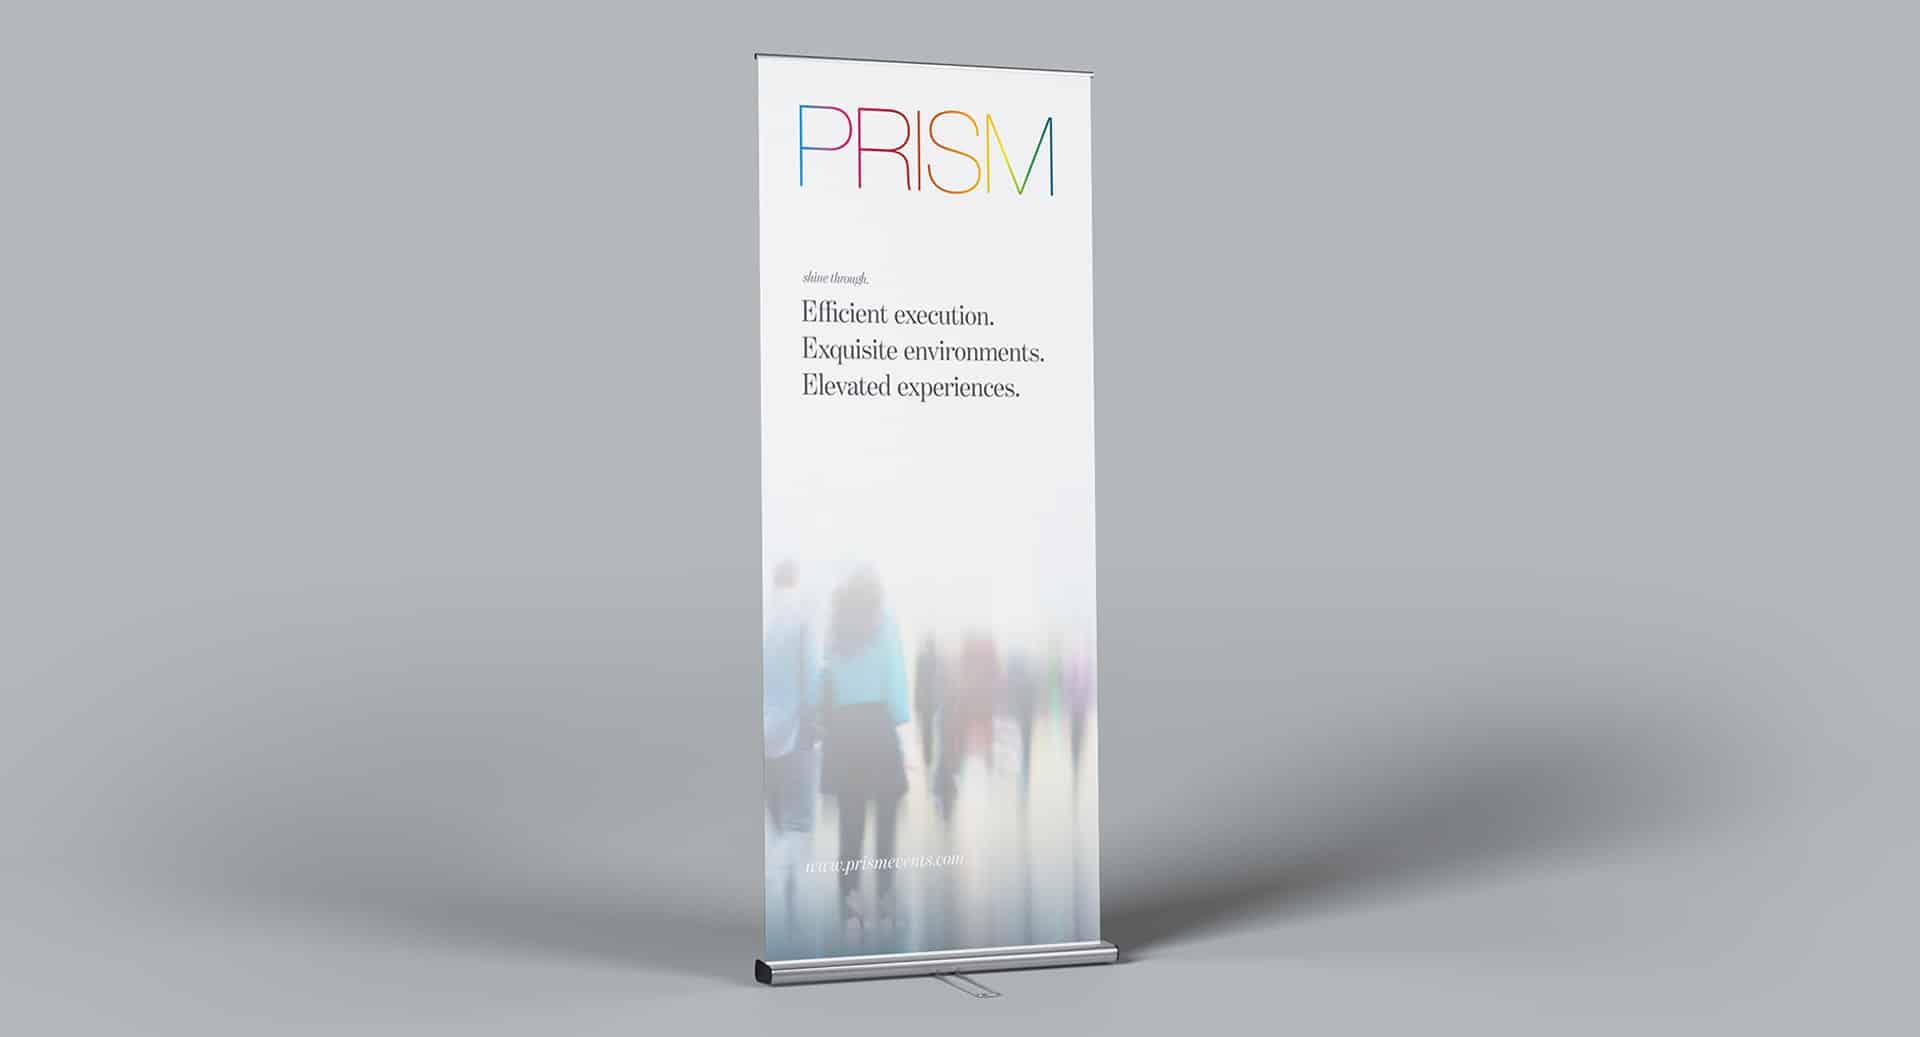 prism-banner-halfwidth